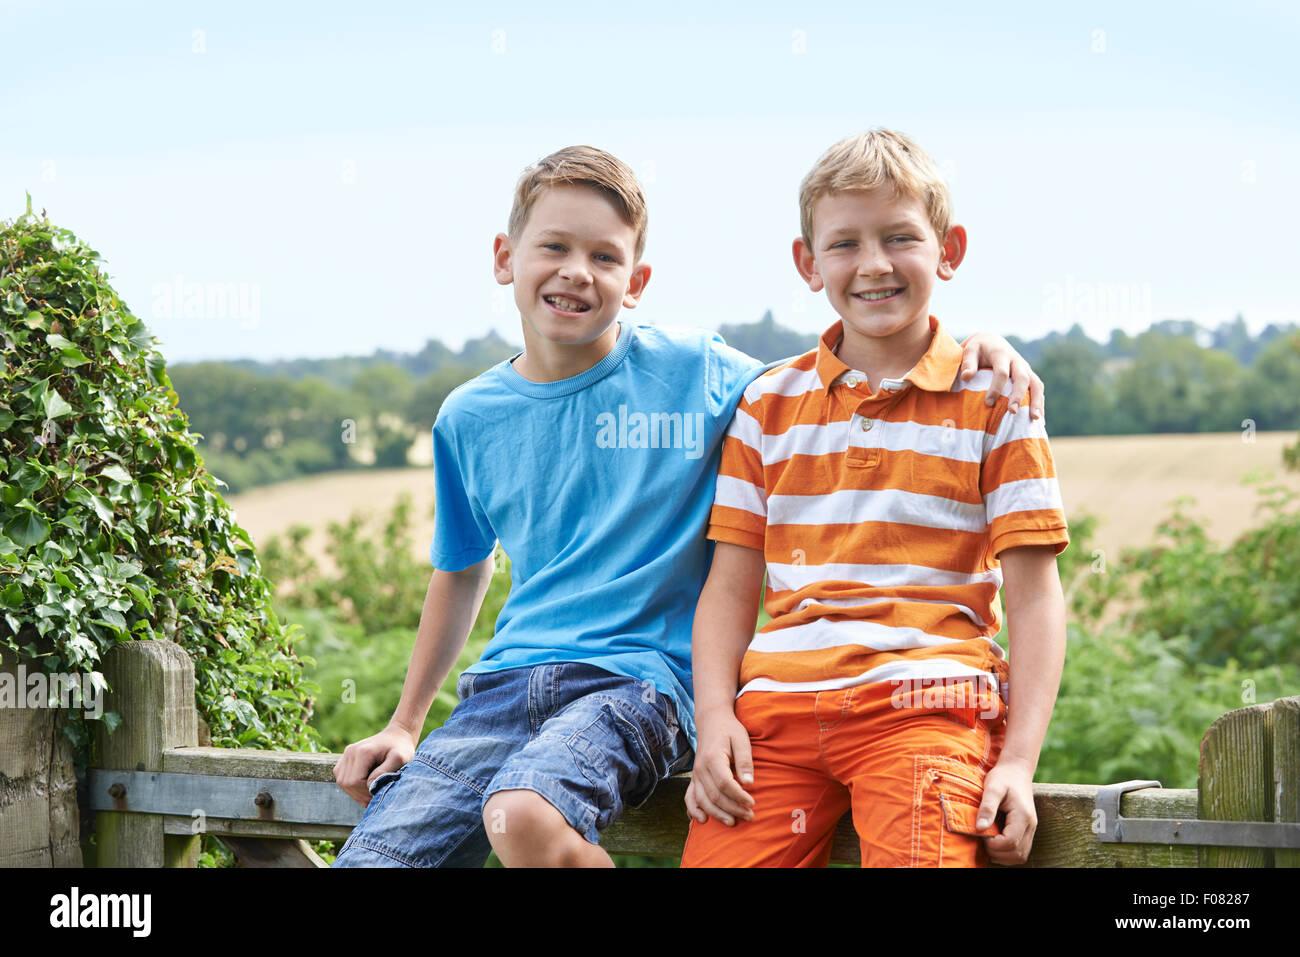 Ritratto di due ragazzi seduti sulla porta insieme Immagini Stock